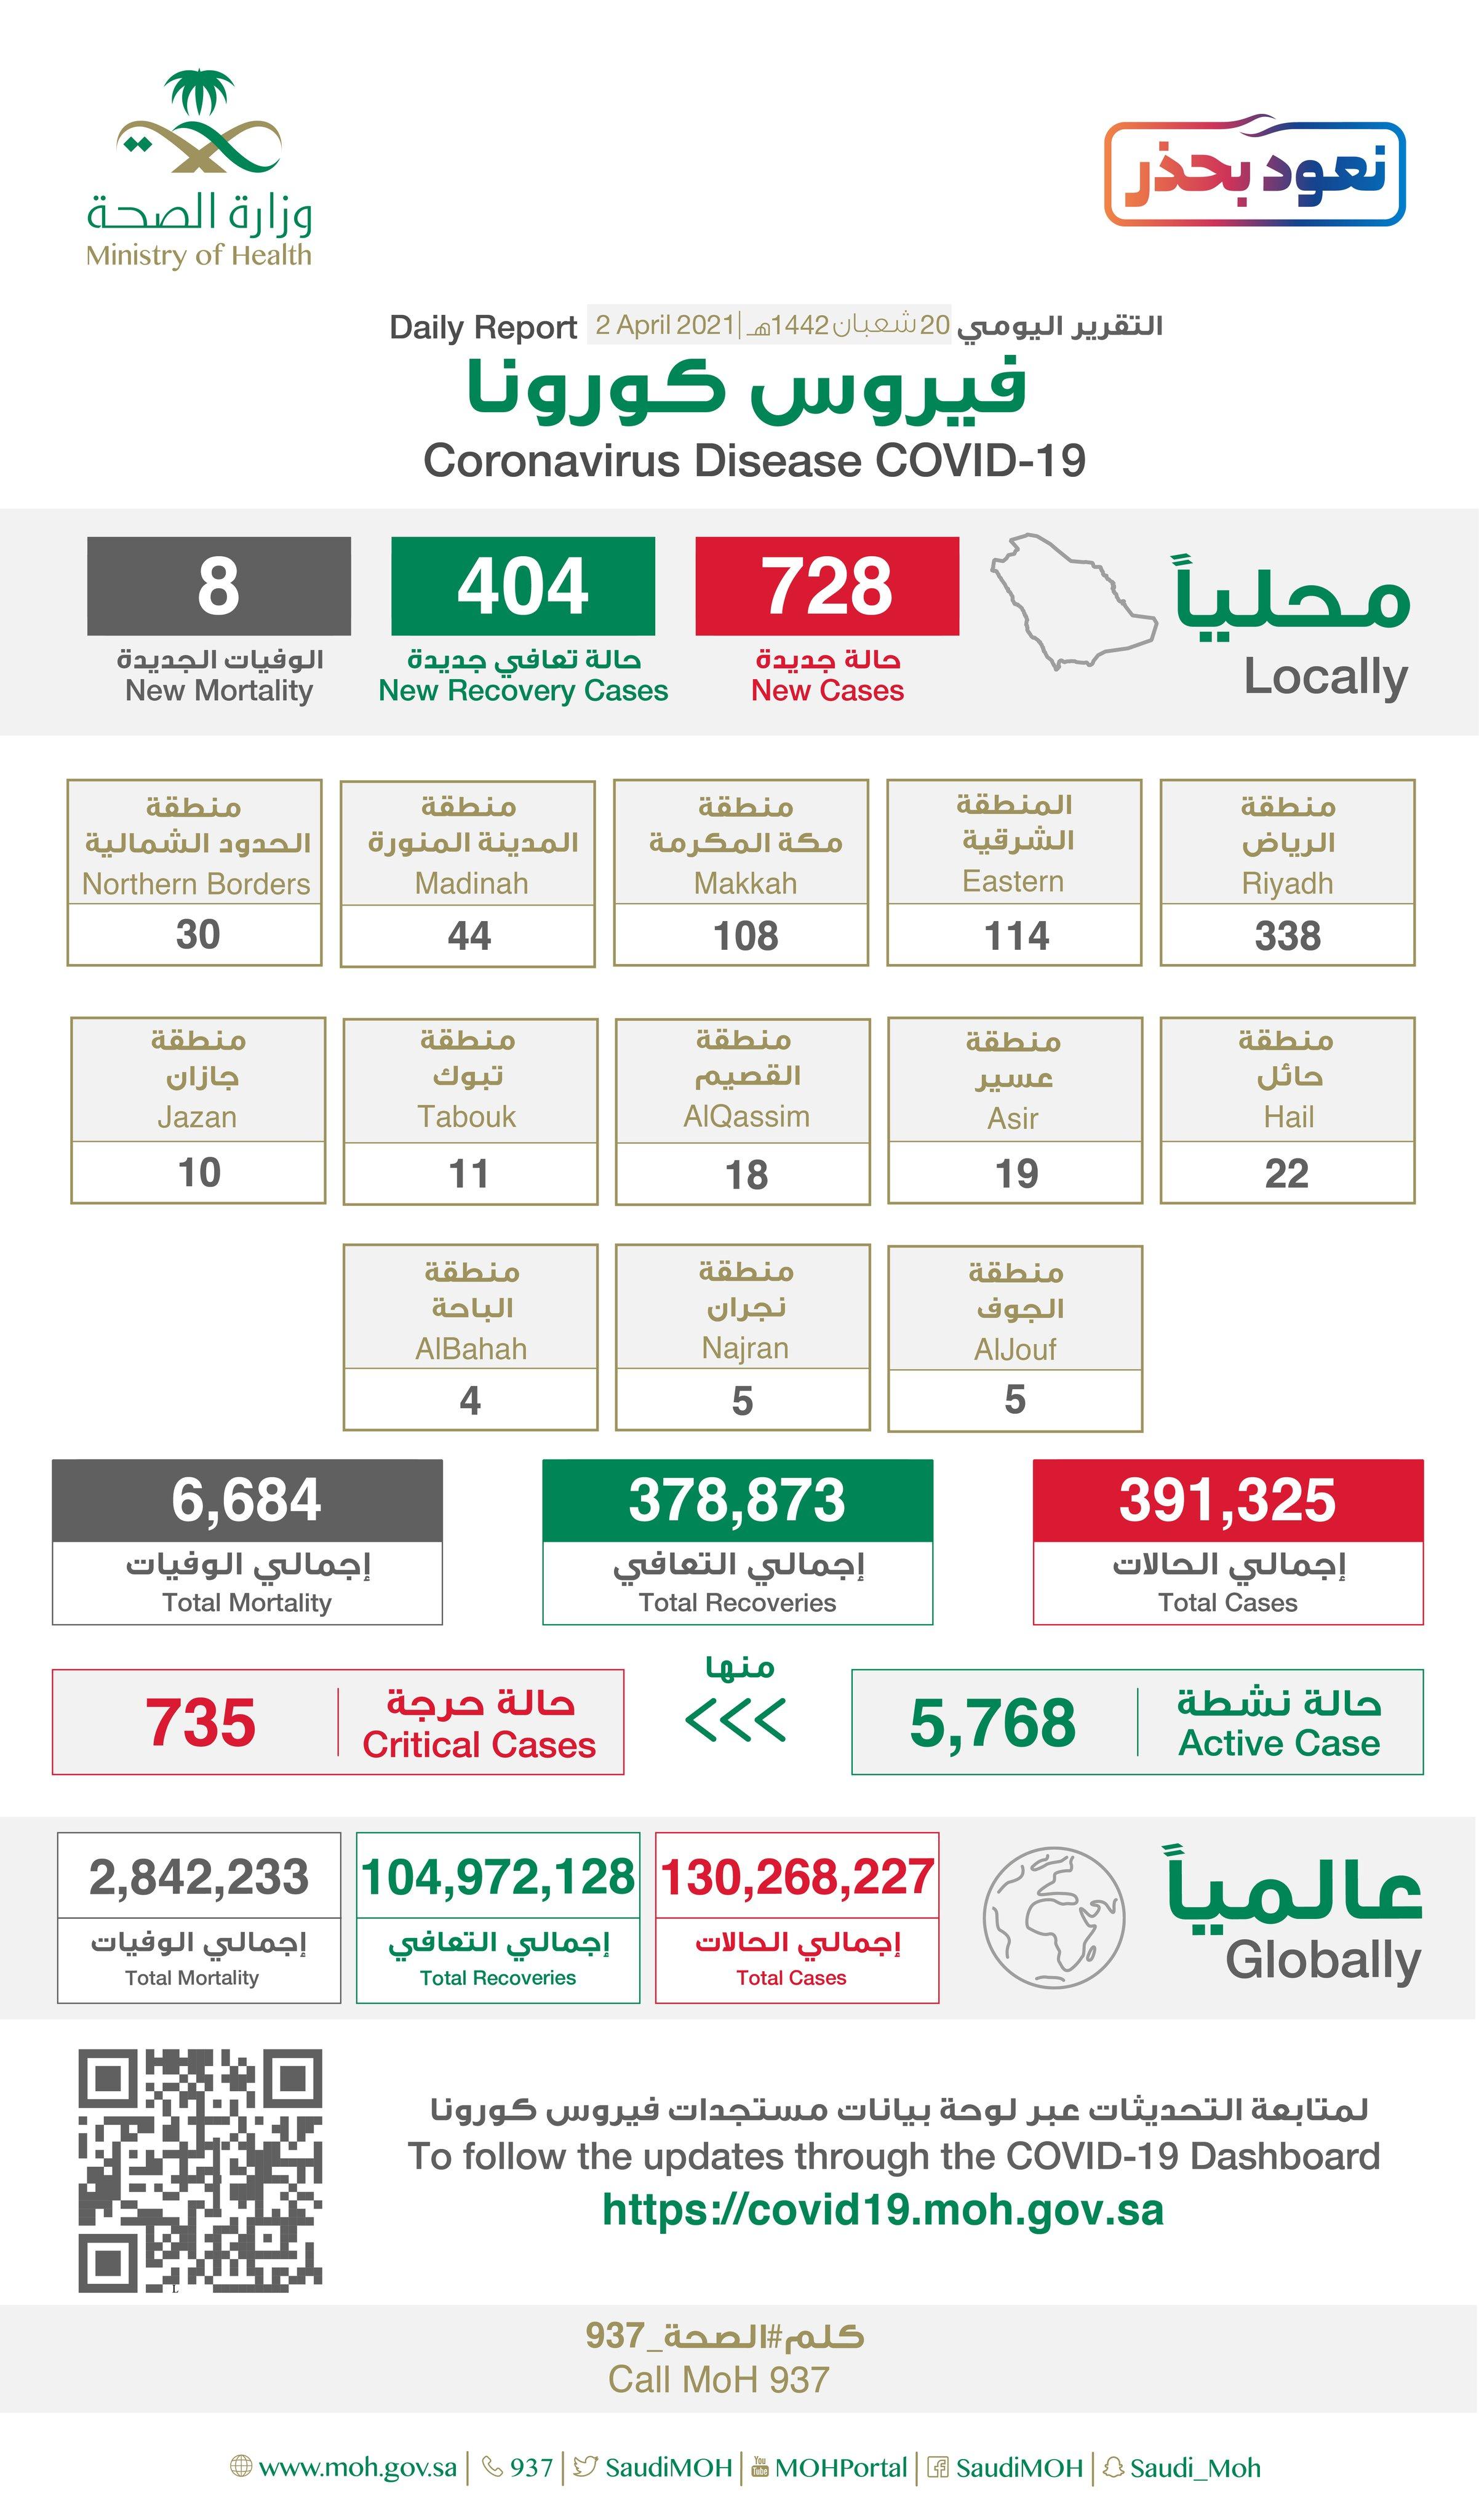 728 إصابة جديدة بفيروس كورونا في السعودية